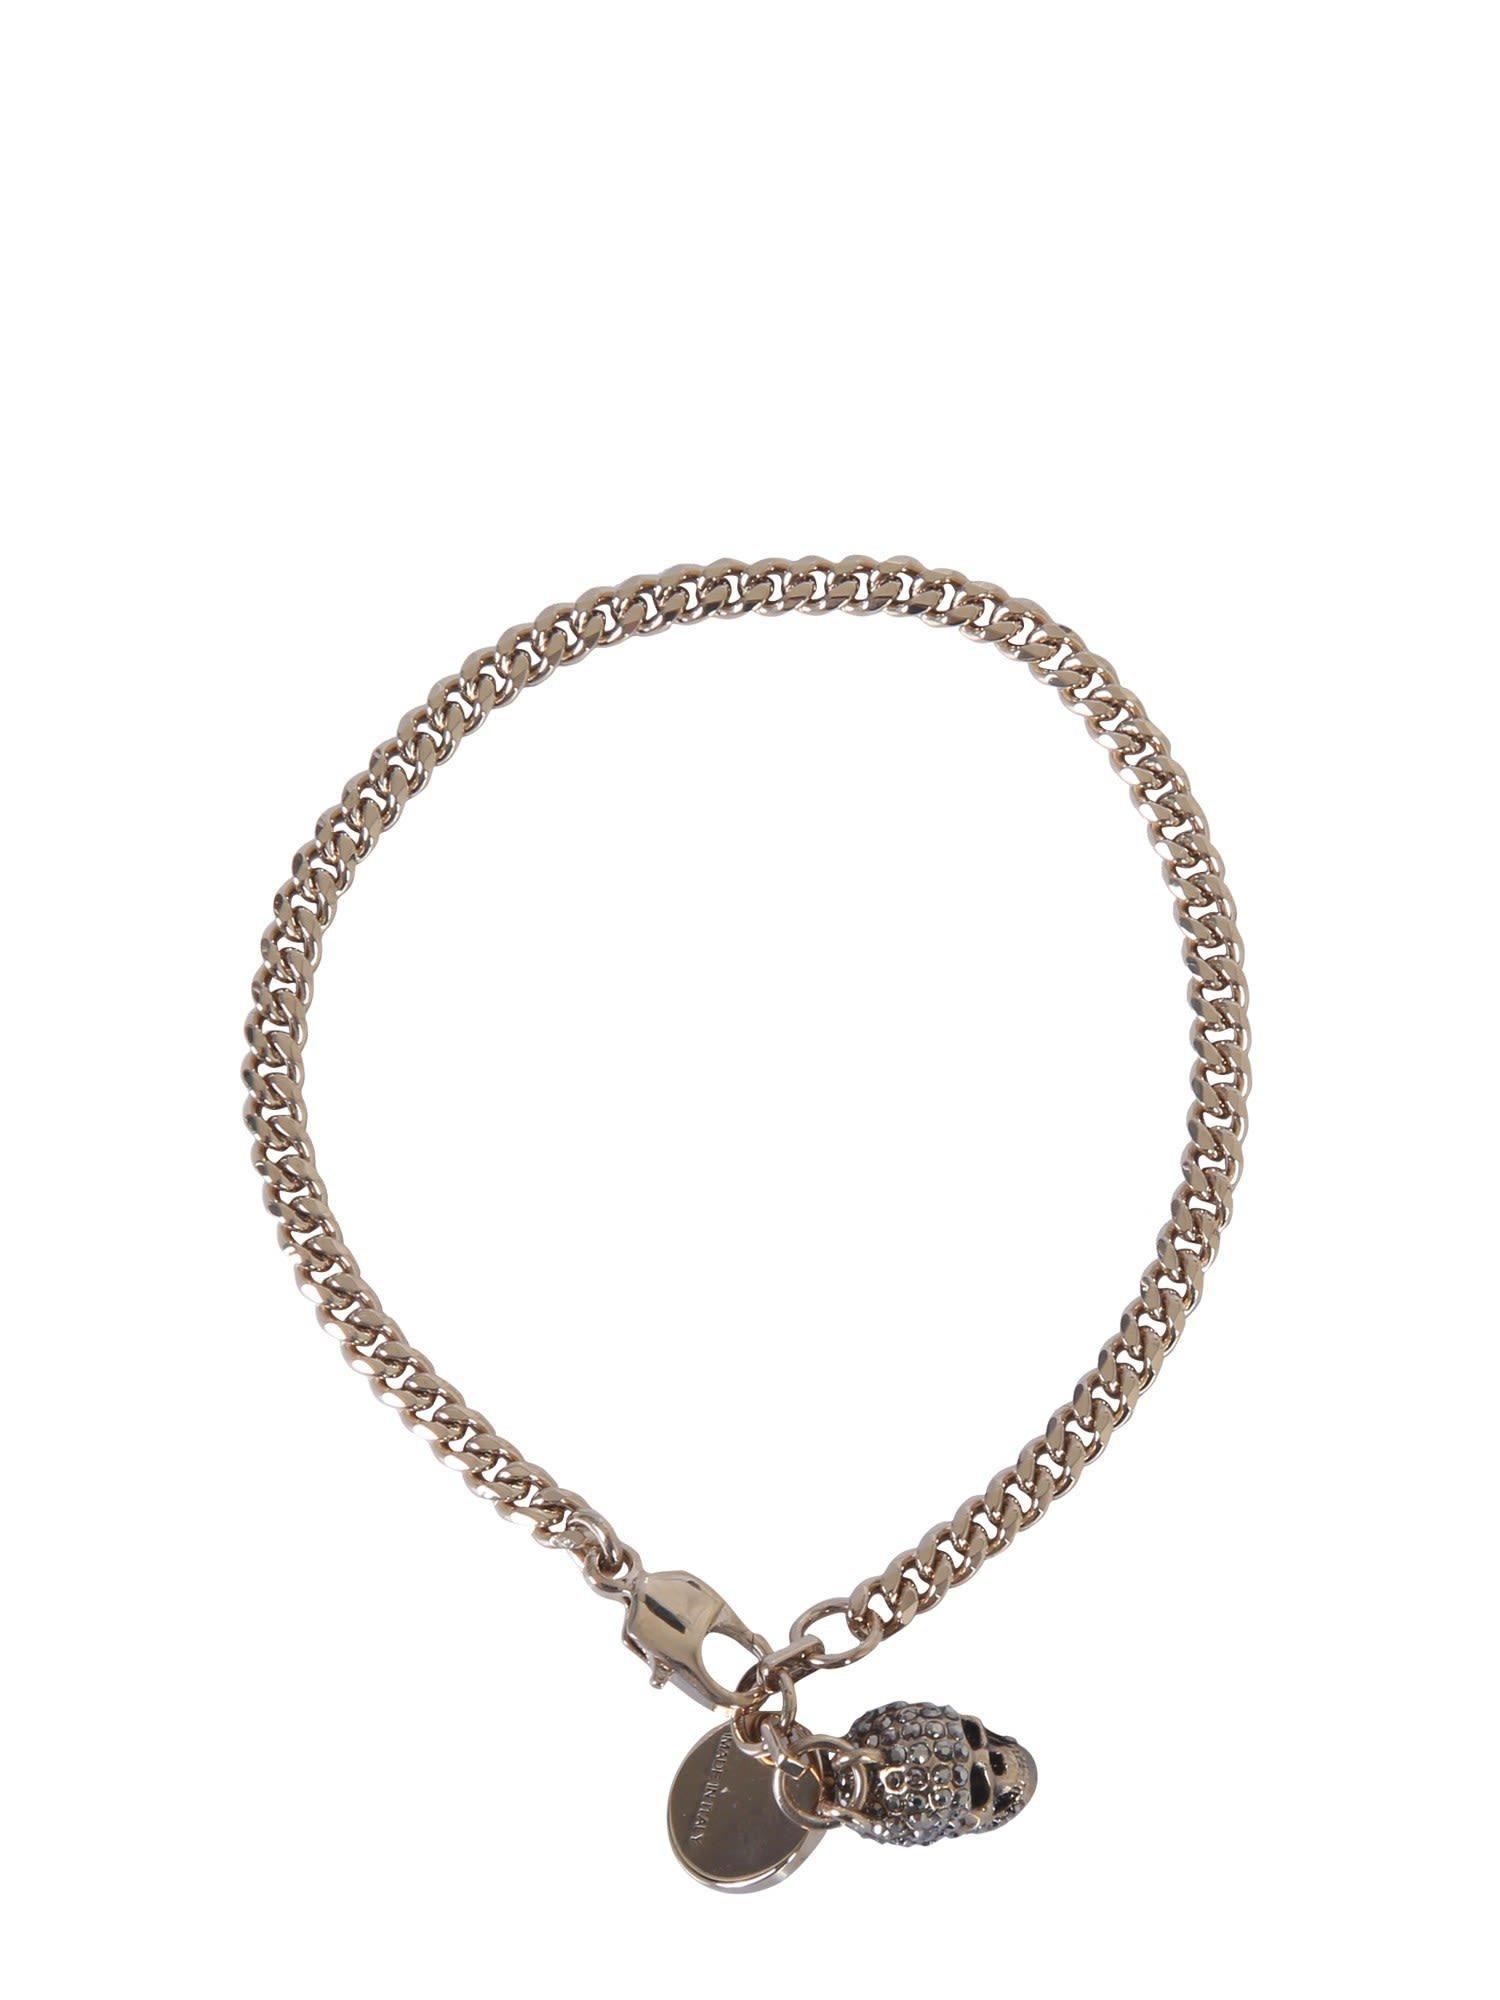 Alexander McQueen Skull Double Chain Bracelet